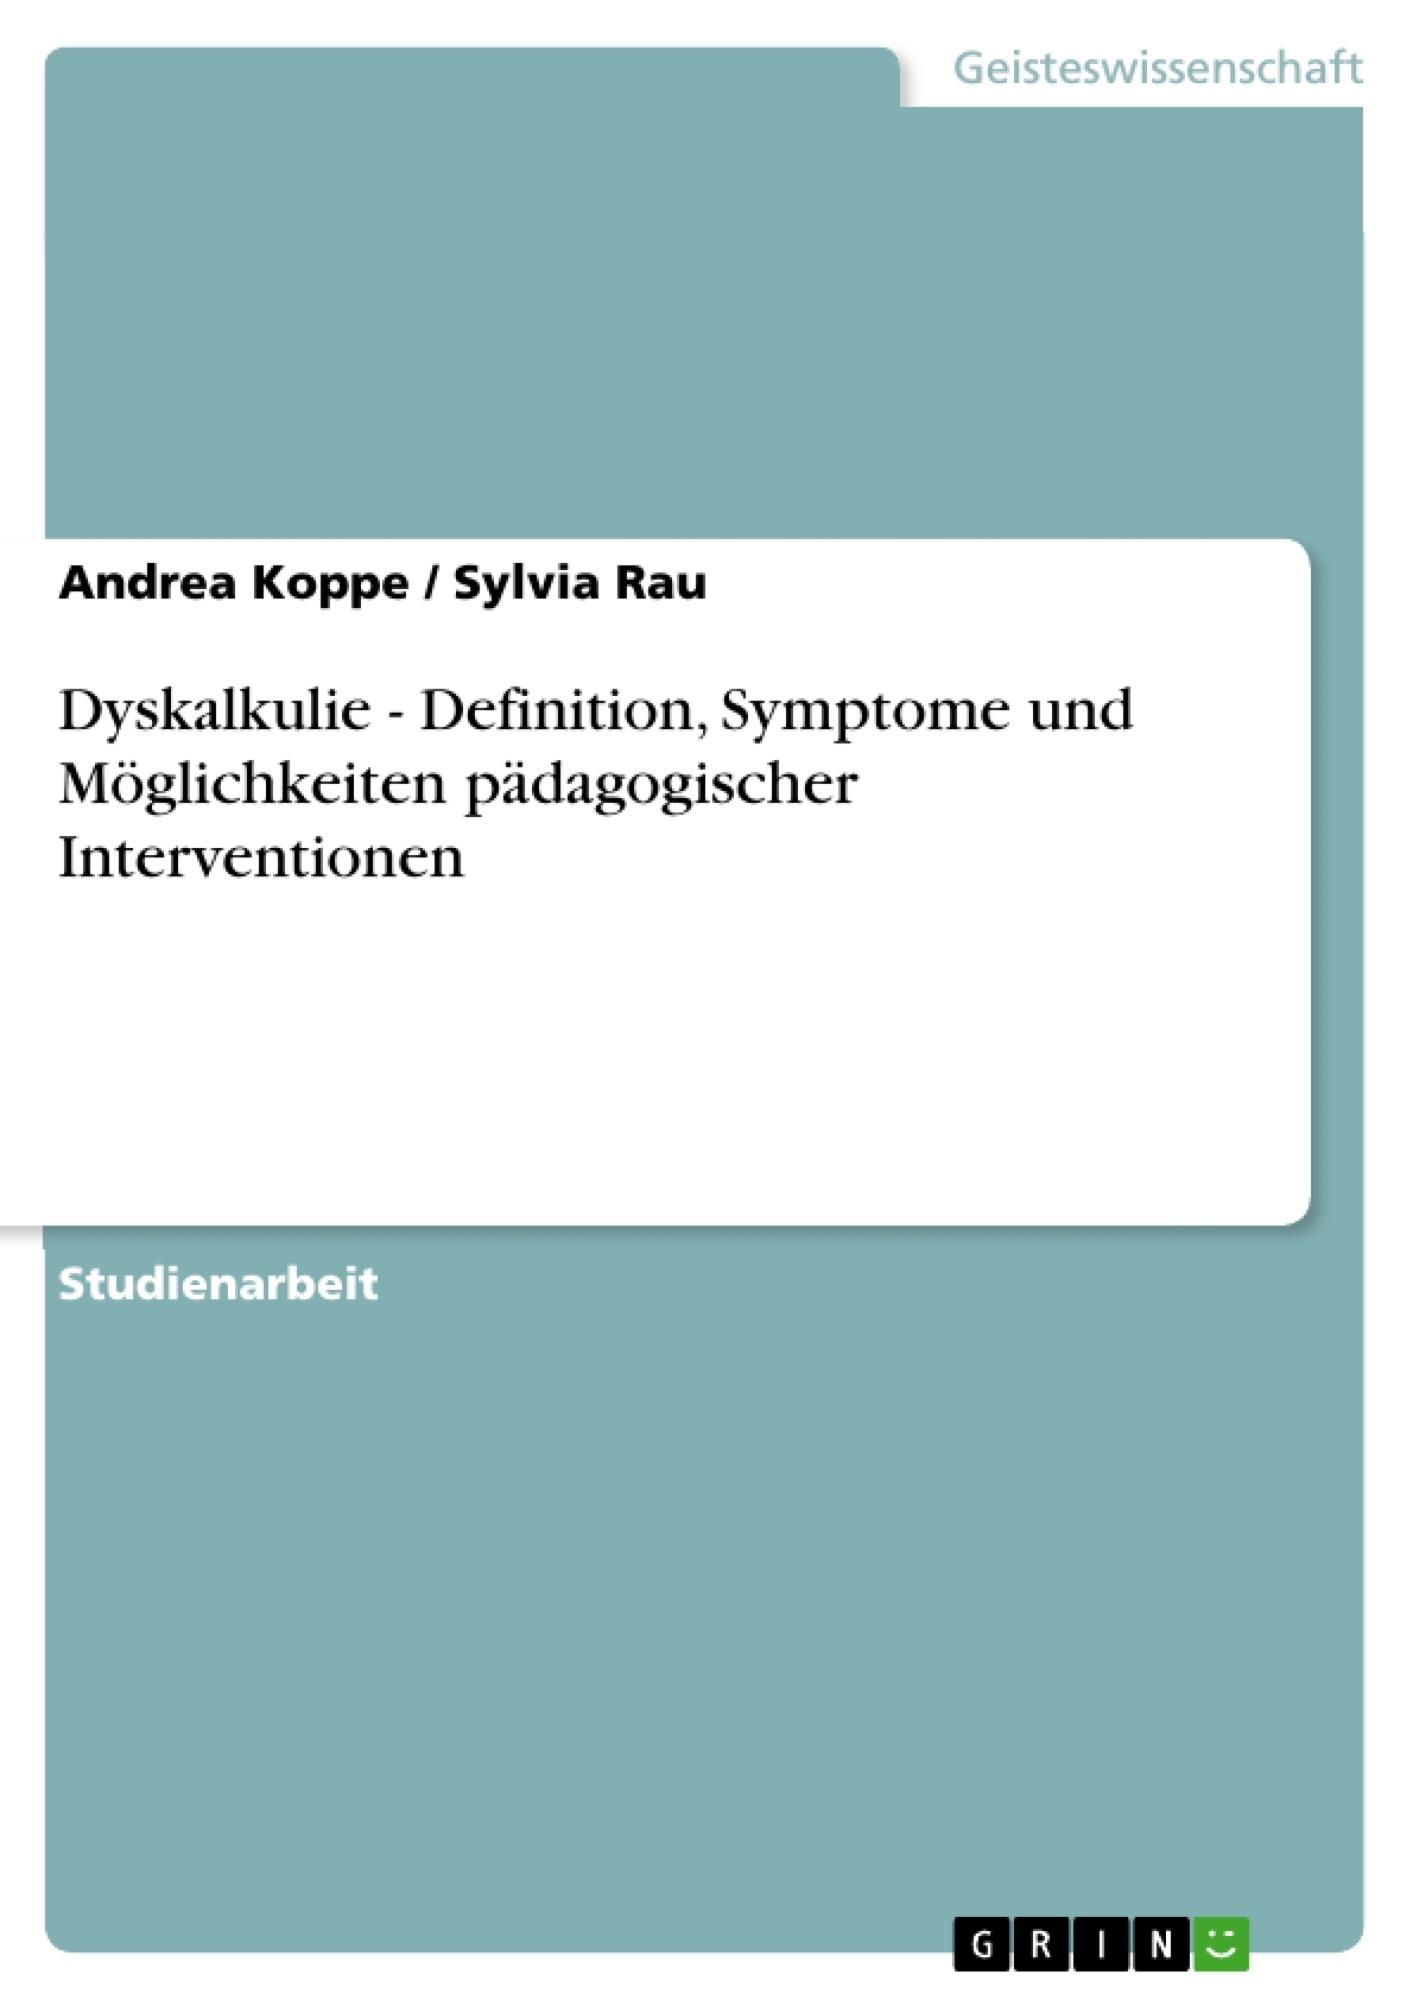 Titel: Dyskalkulie - Definition, Symptome und Möglichkeiten pädagogischer Interventionen